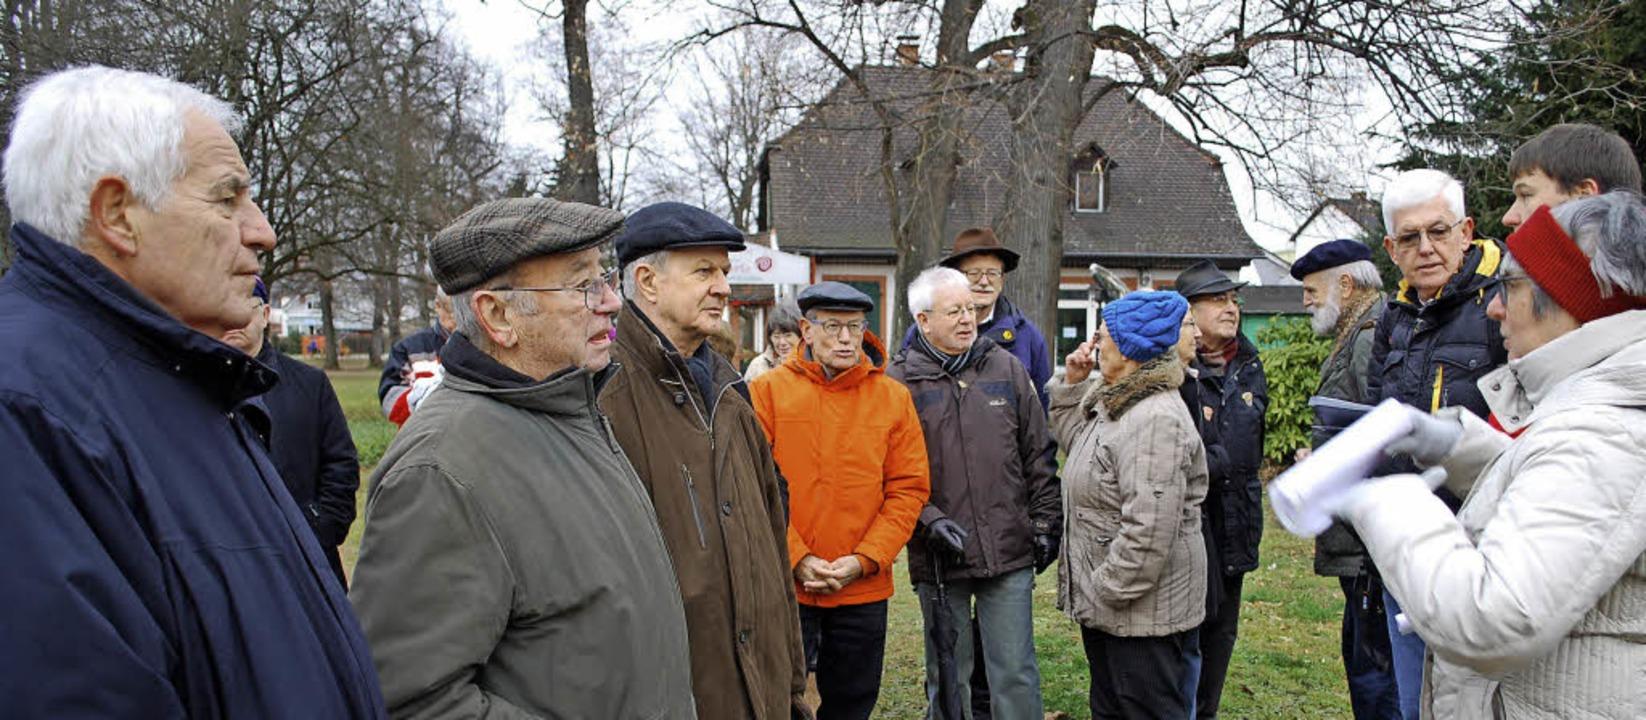 Auf Einladung der SPD spazierten am Sa...inister Rainer Stickelberger (links).     Foto: MINK